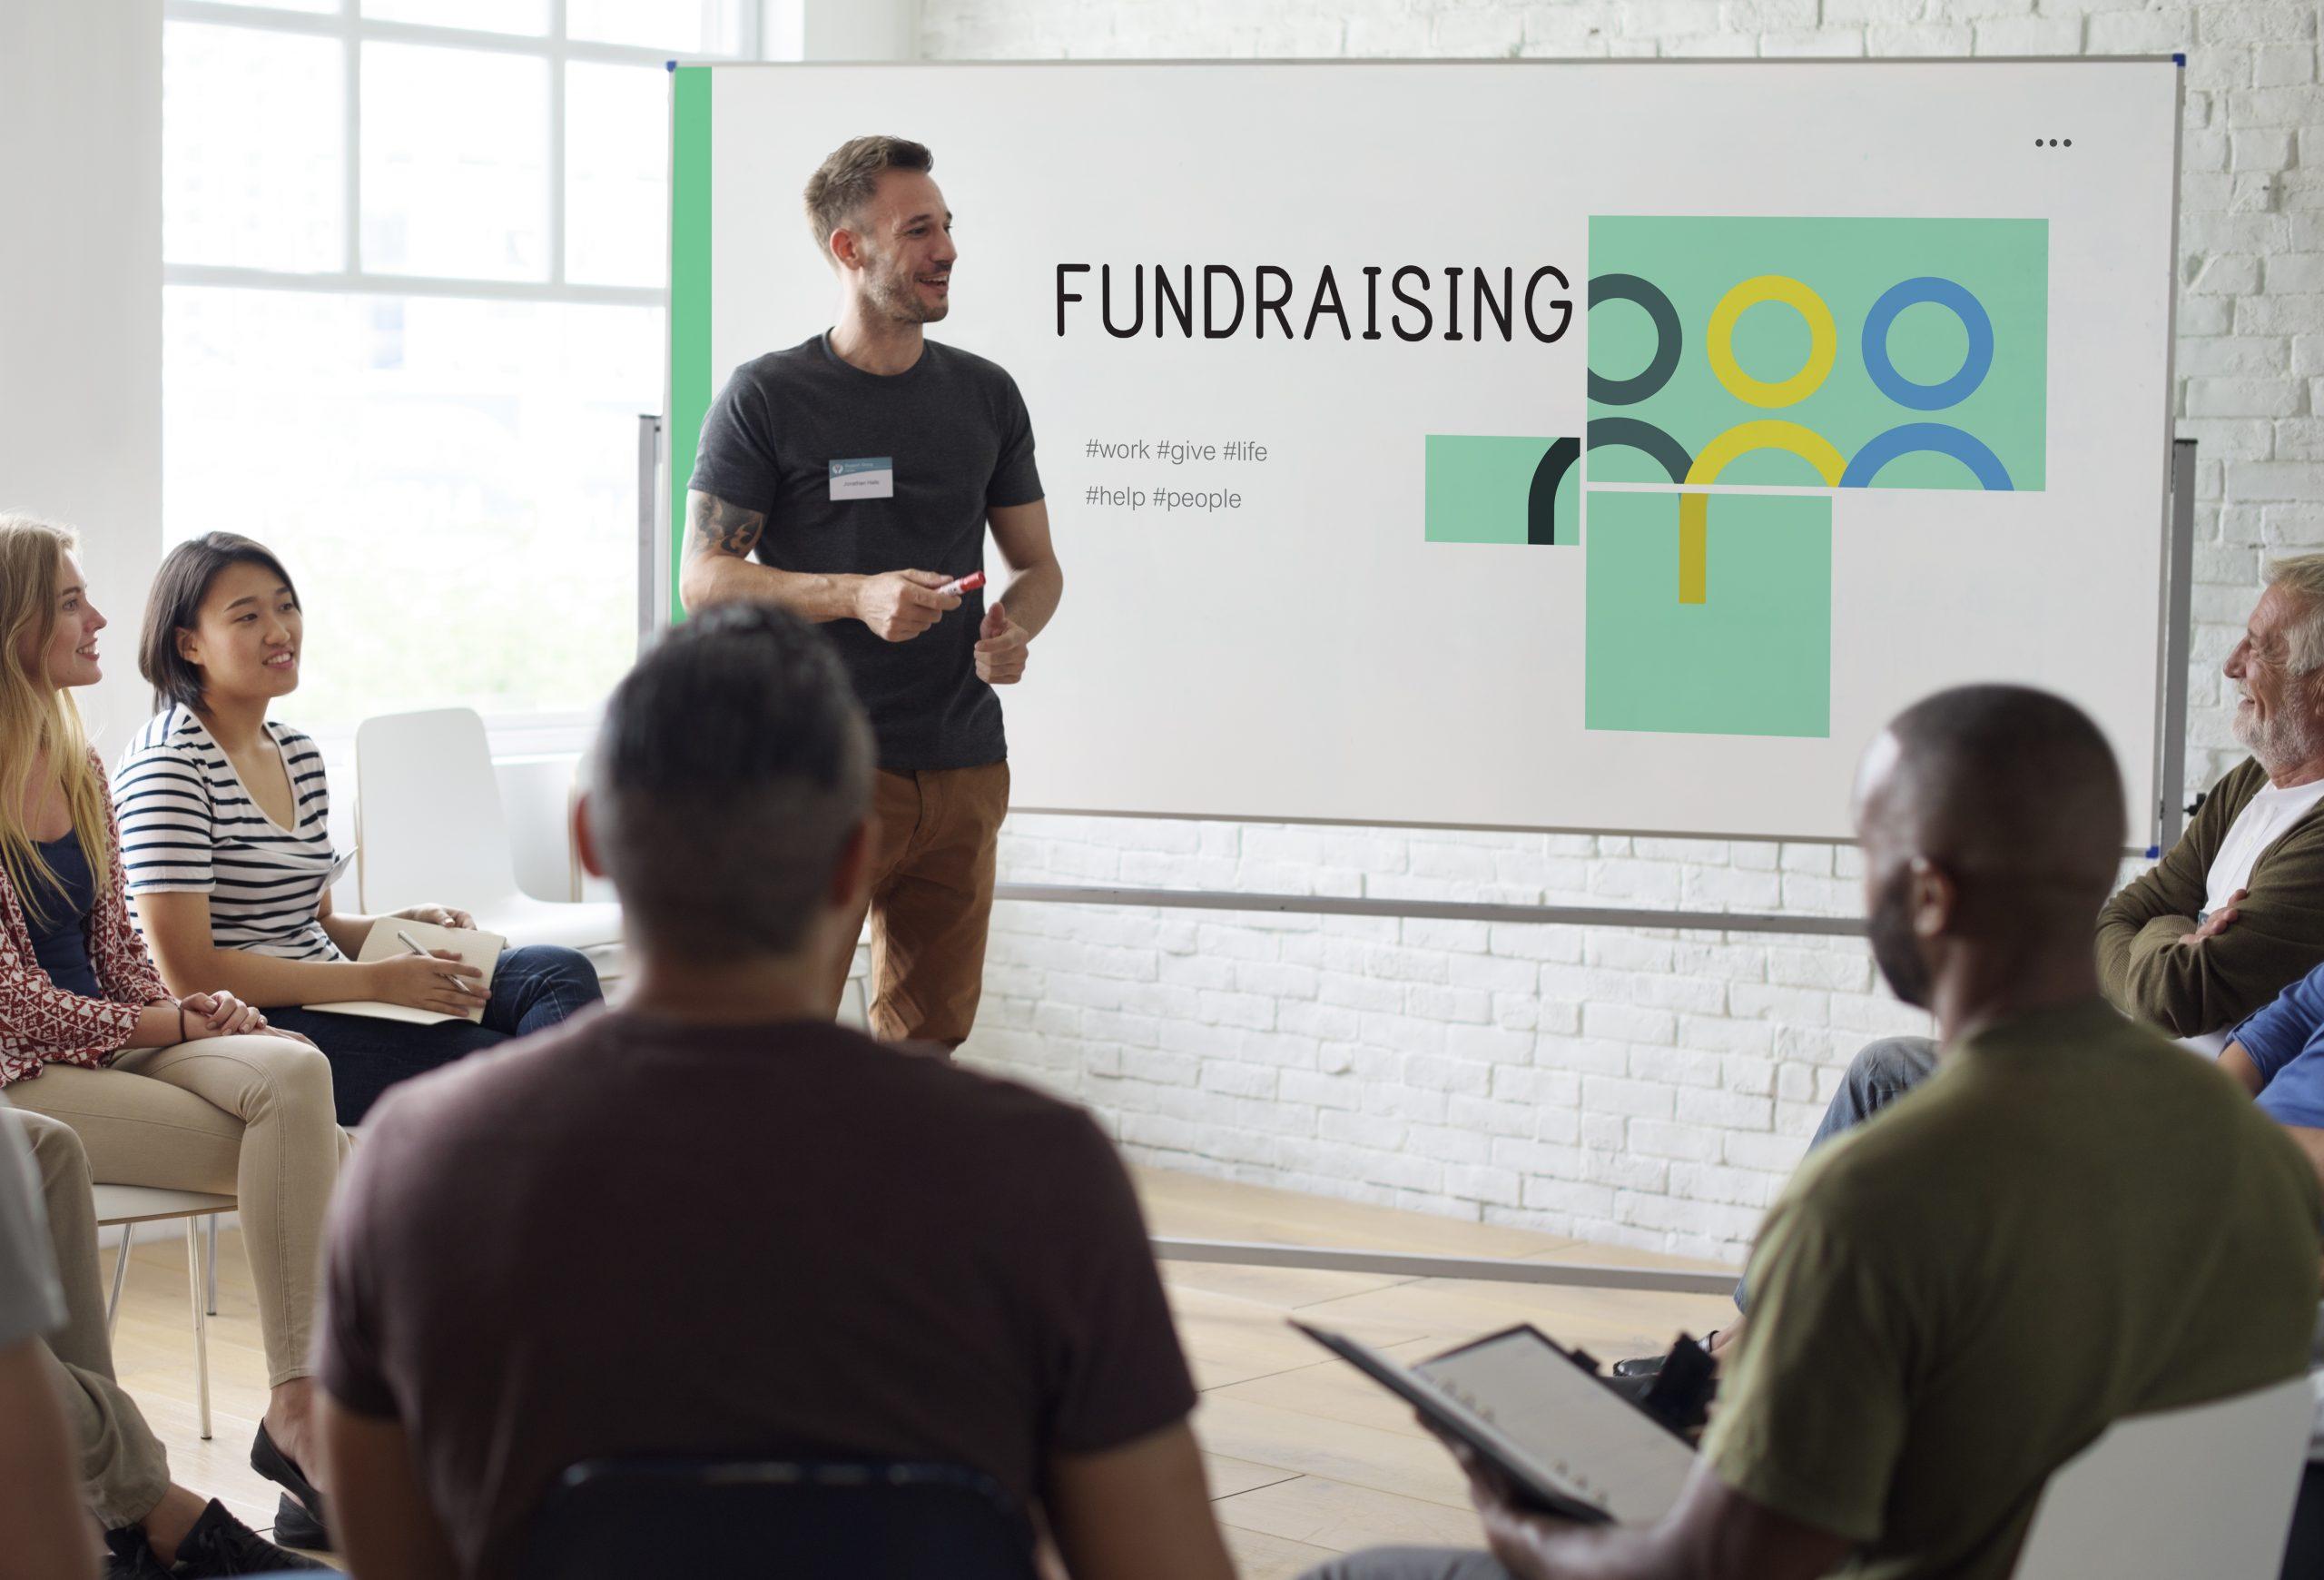 fundraising akademie während vorlesung